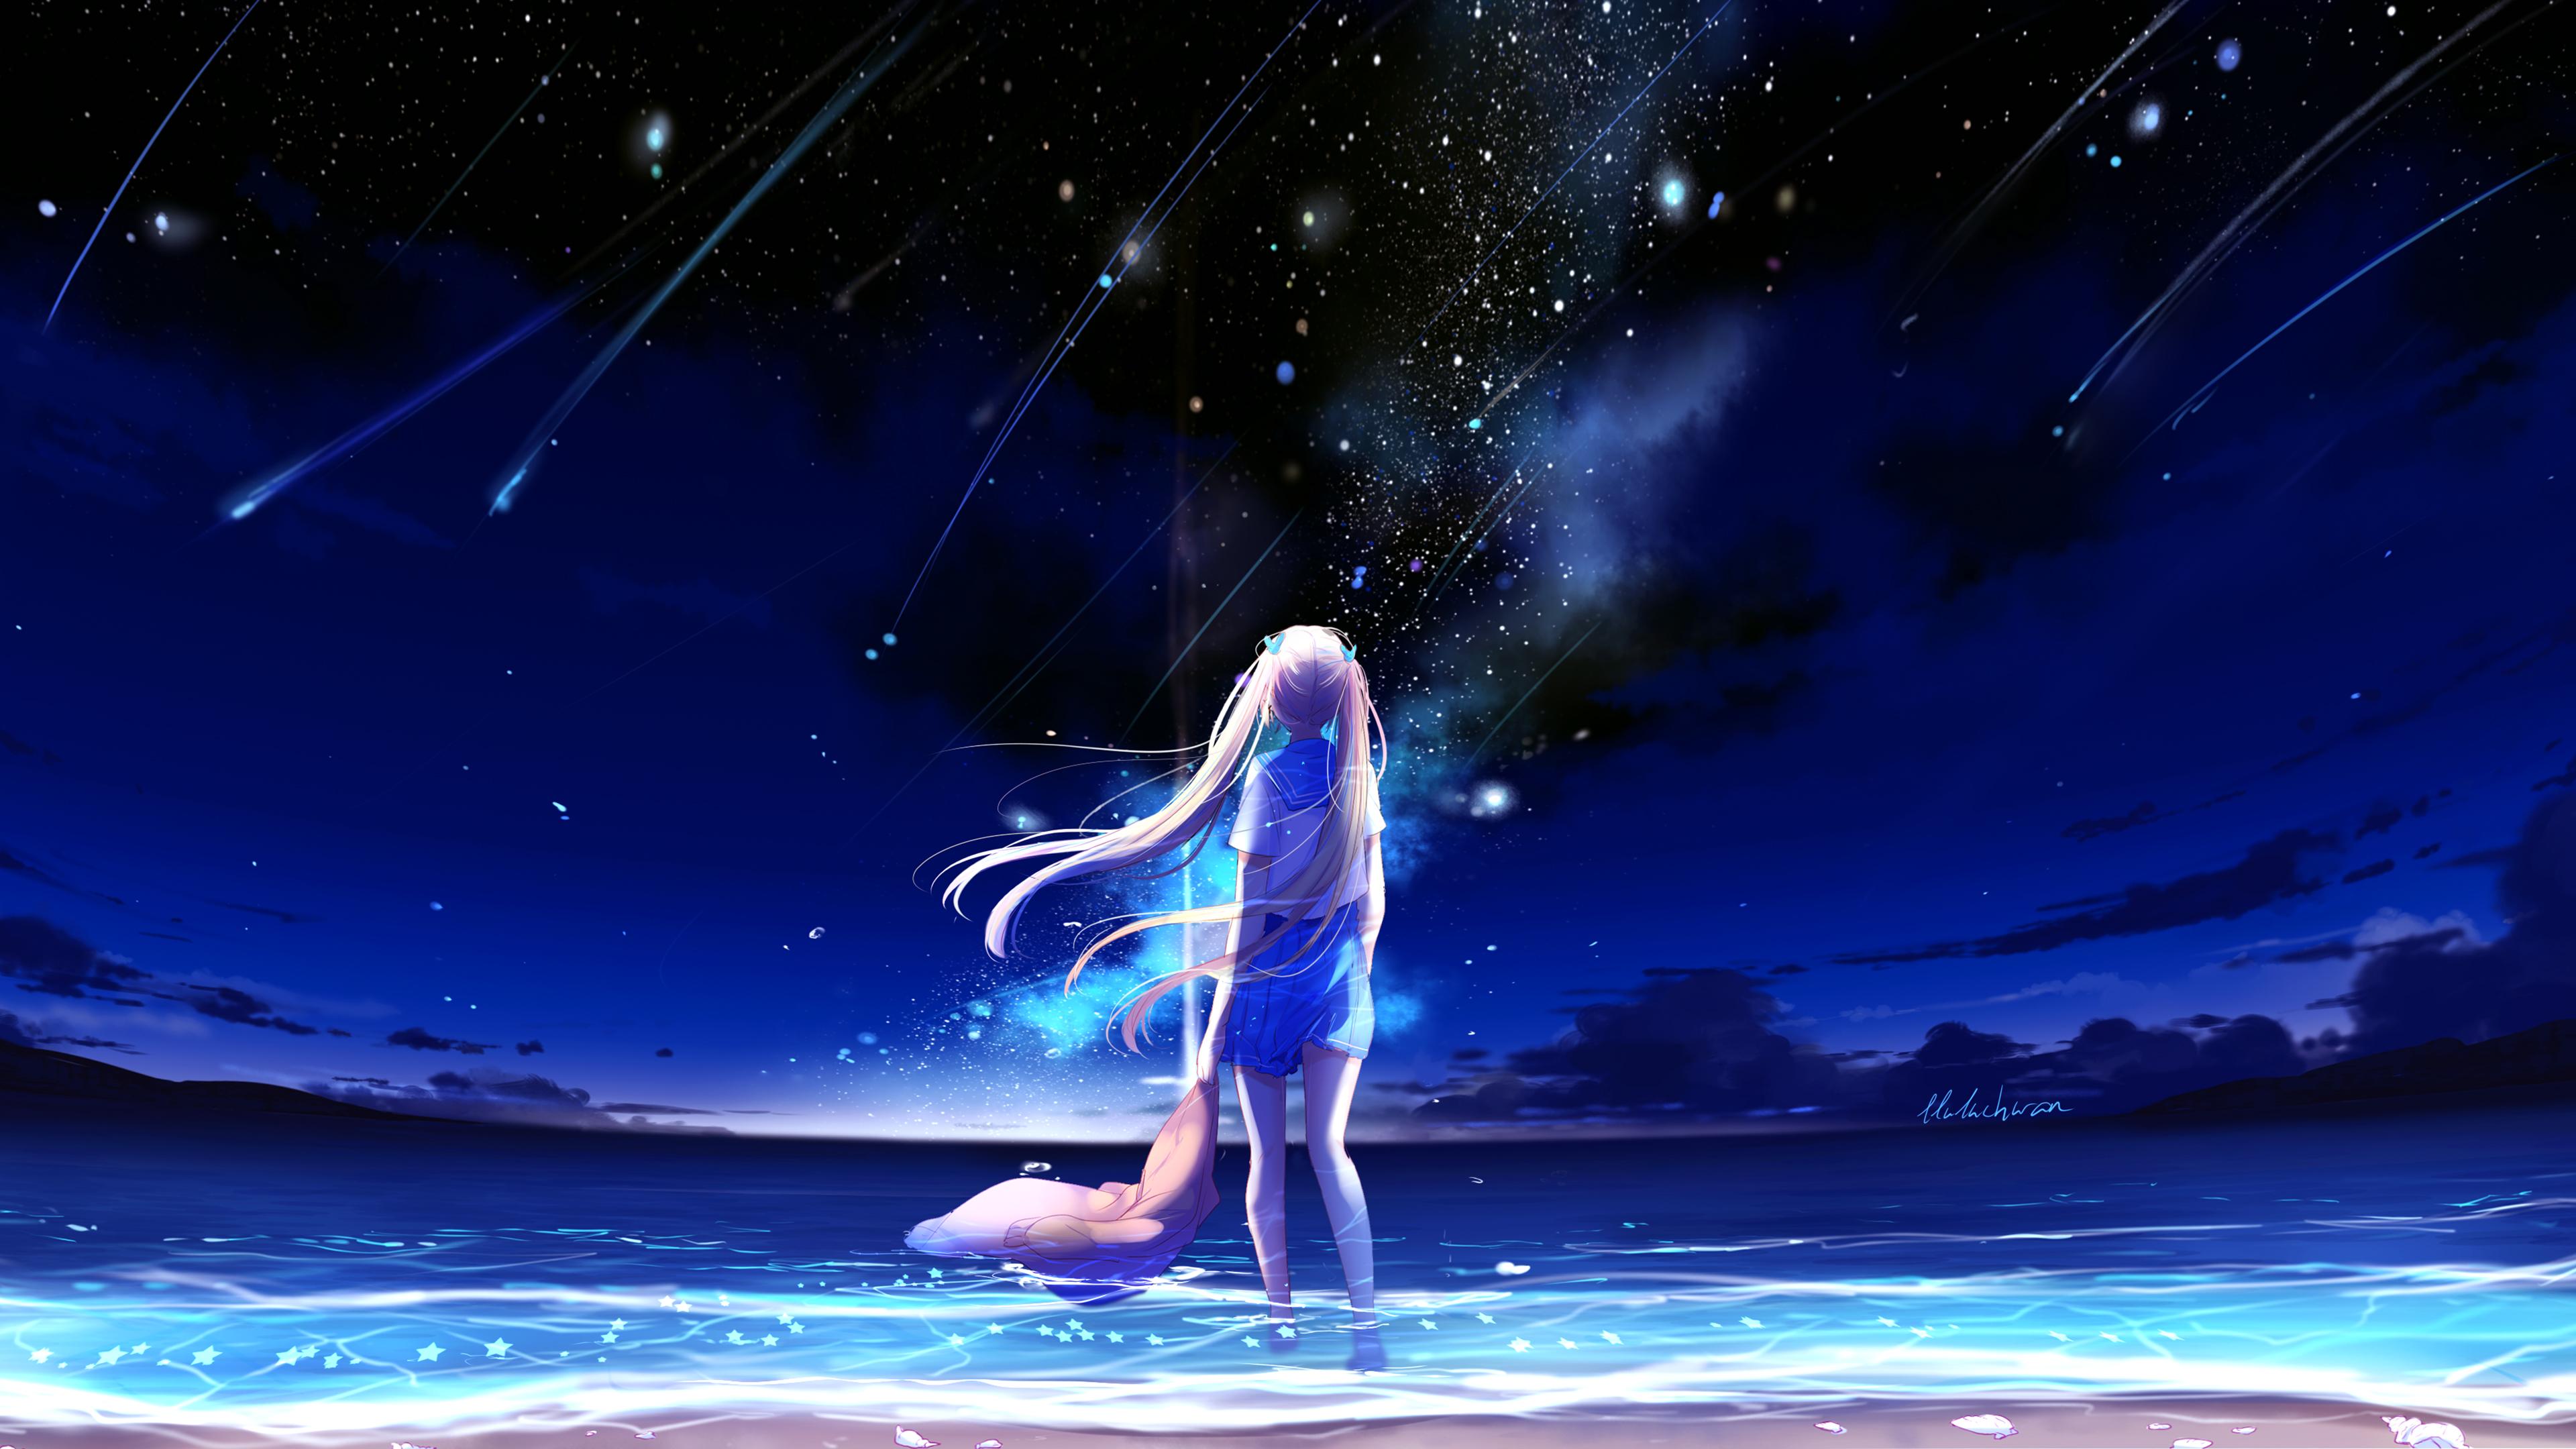 Аниме девушка ночной пляж обои скачать